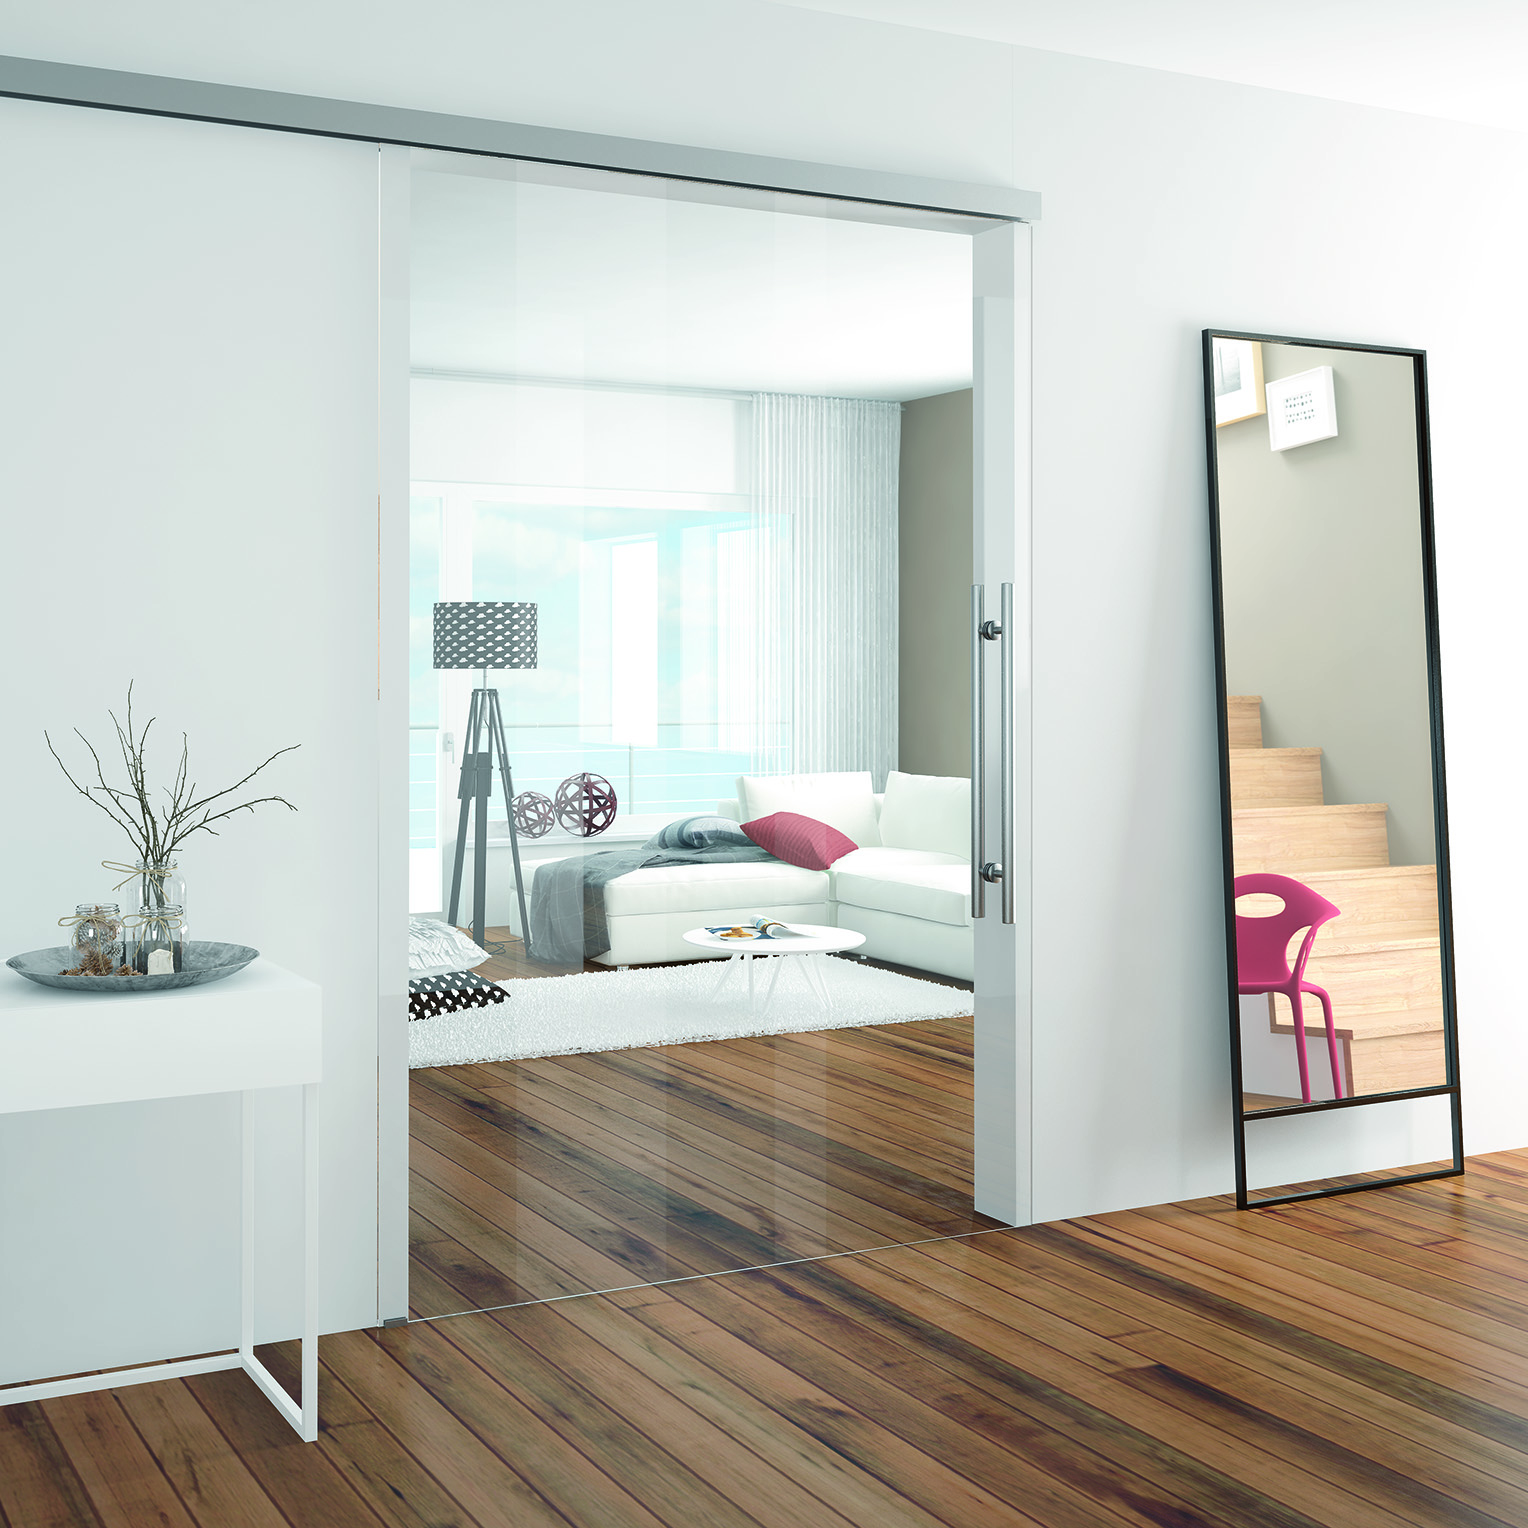 Glasschiebetür MUTO Premium Self-Closing 120 von dormakaba mit Selbstschließfunktion